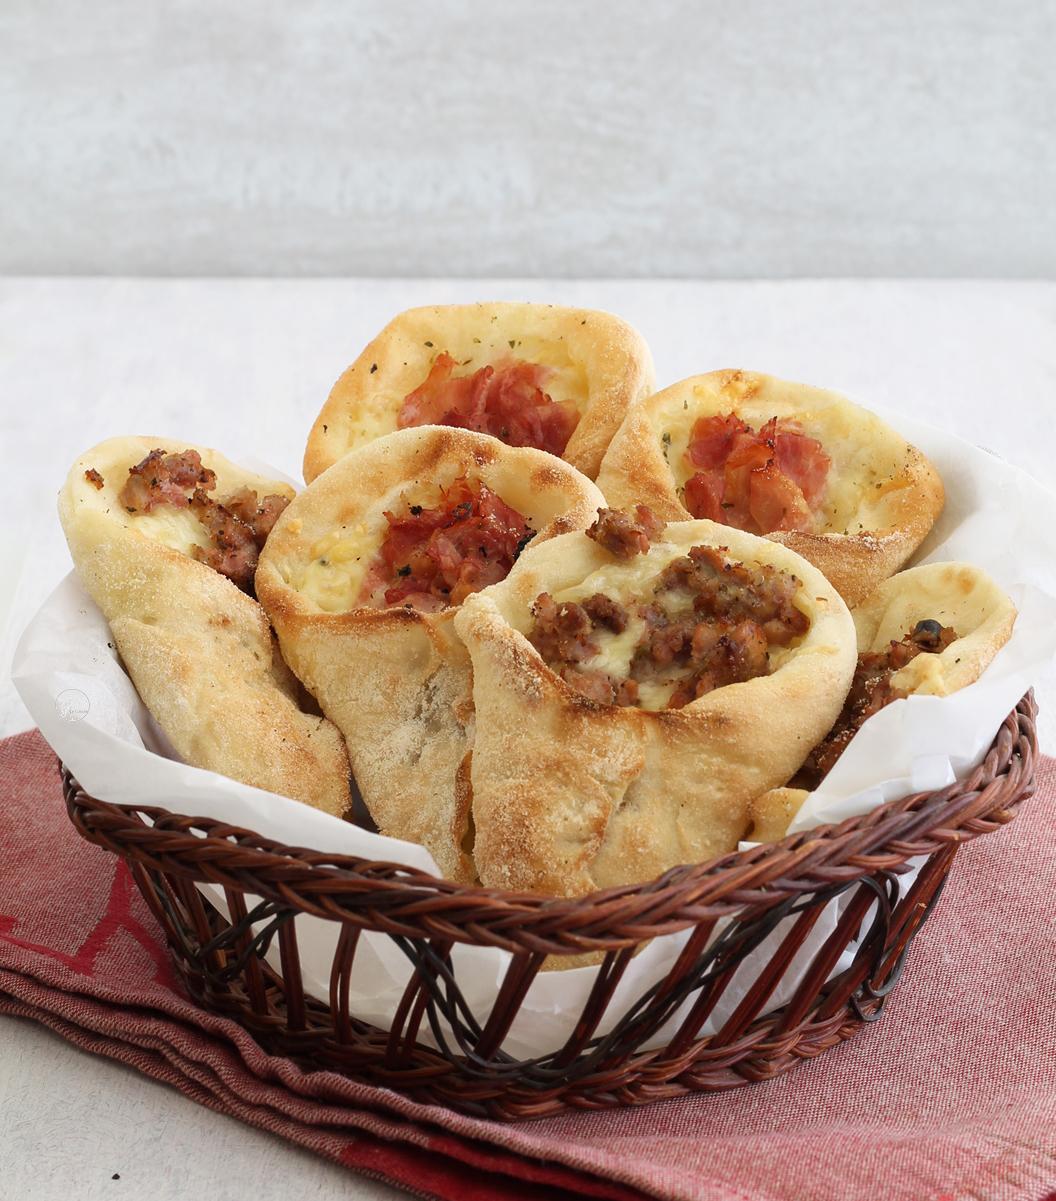 Conetti di pizza senza glutine - La Cassata Celiaca